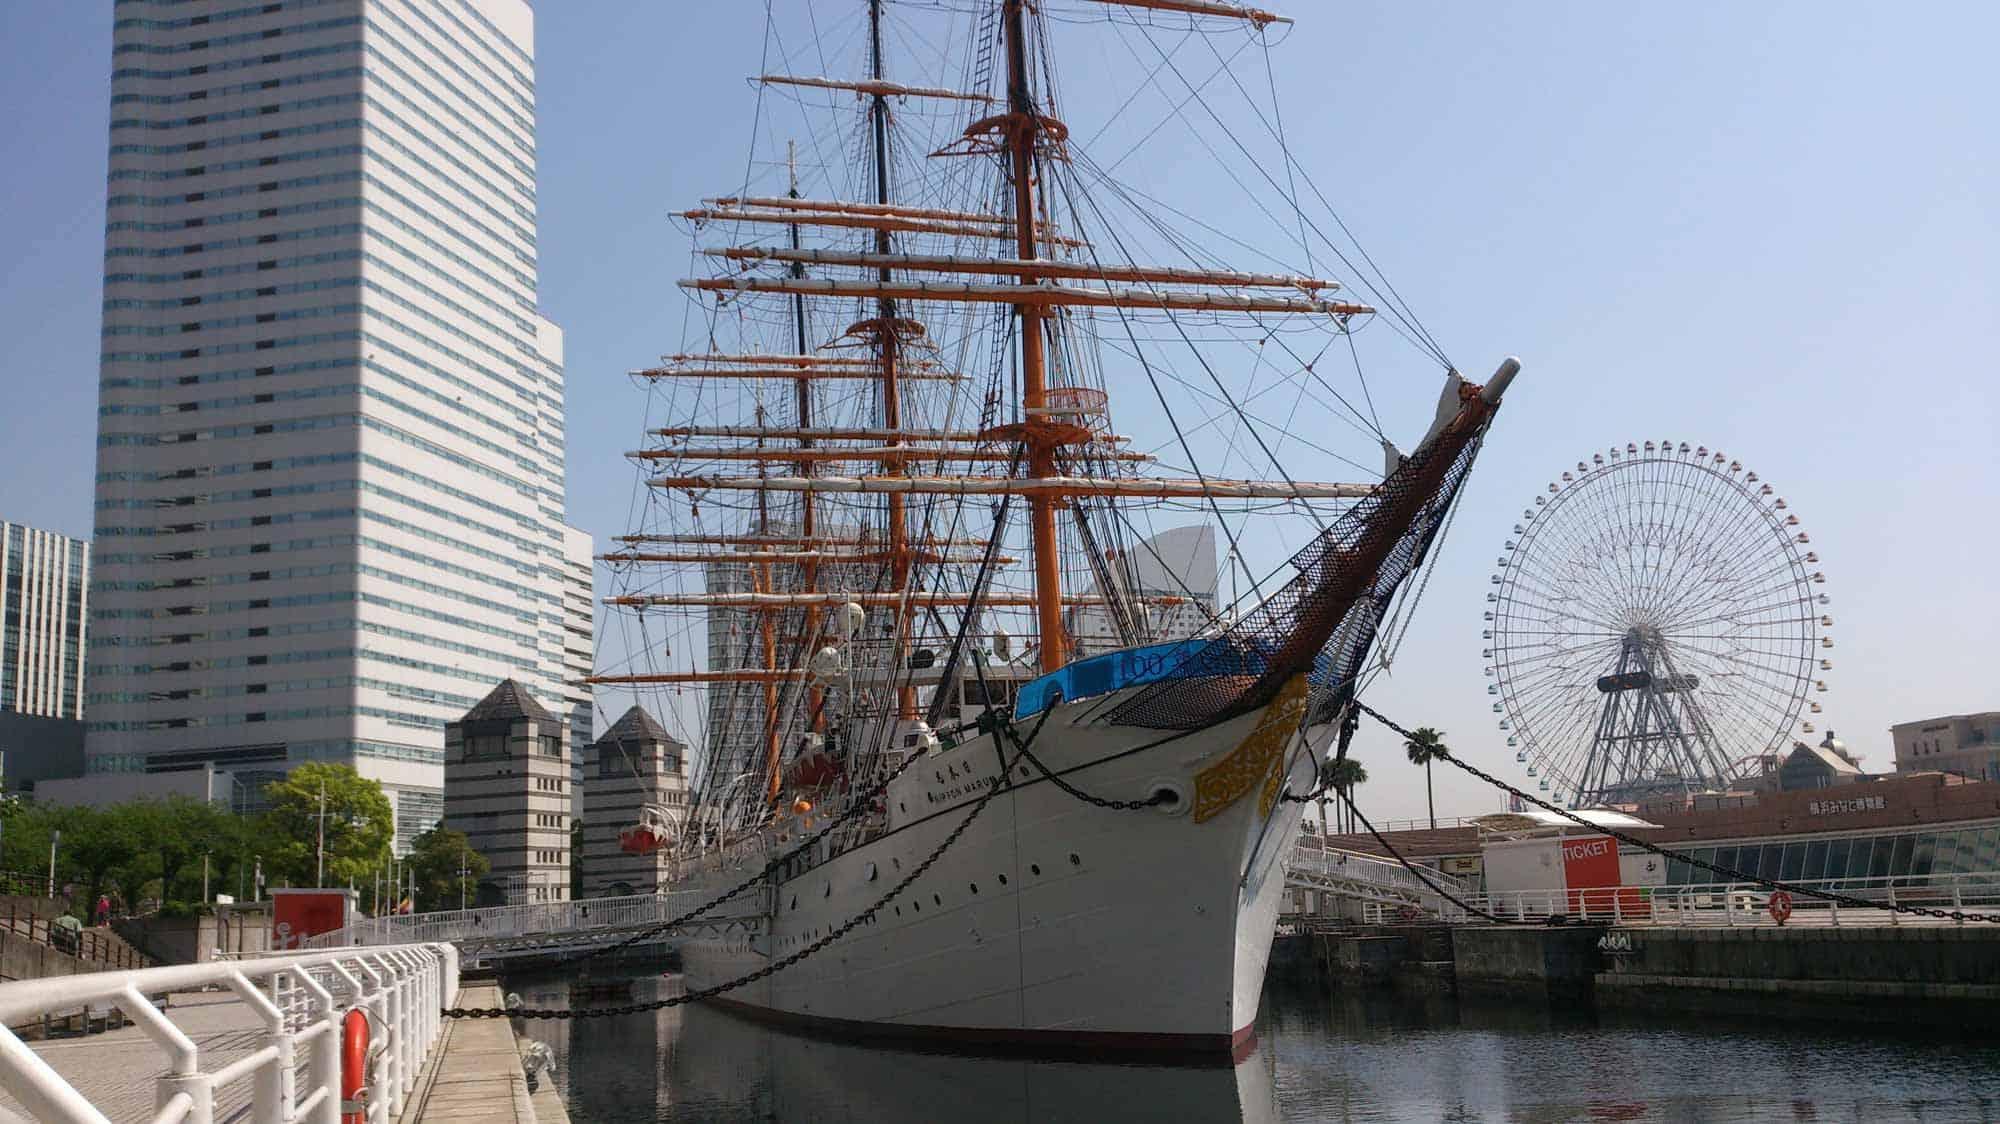 Sailing Ship Things To Do In Yokohama